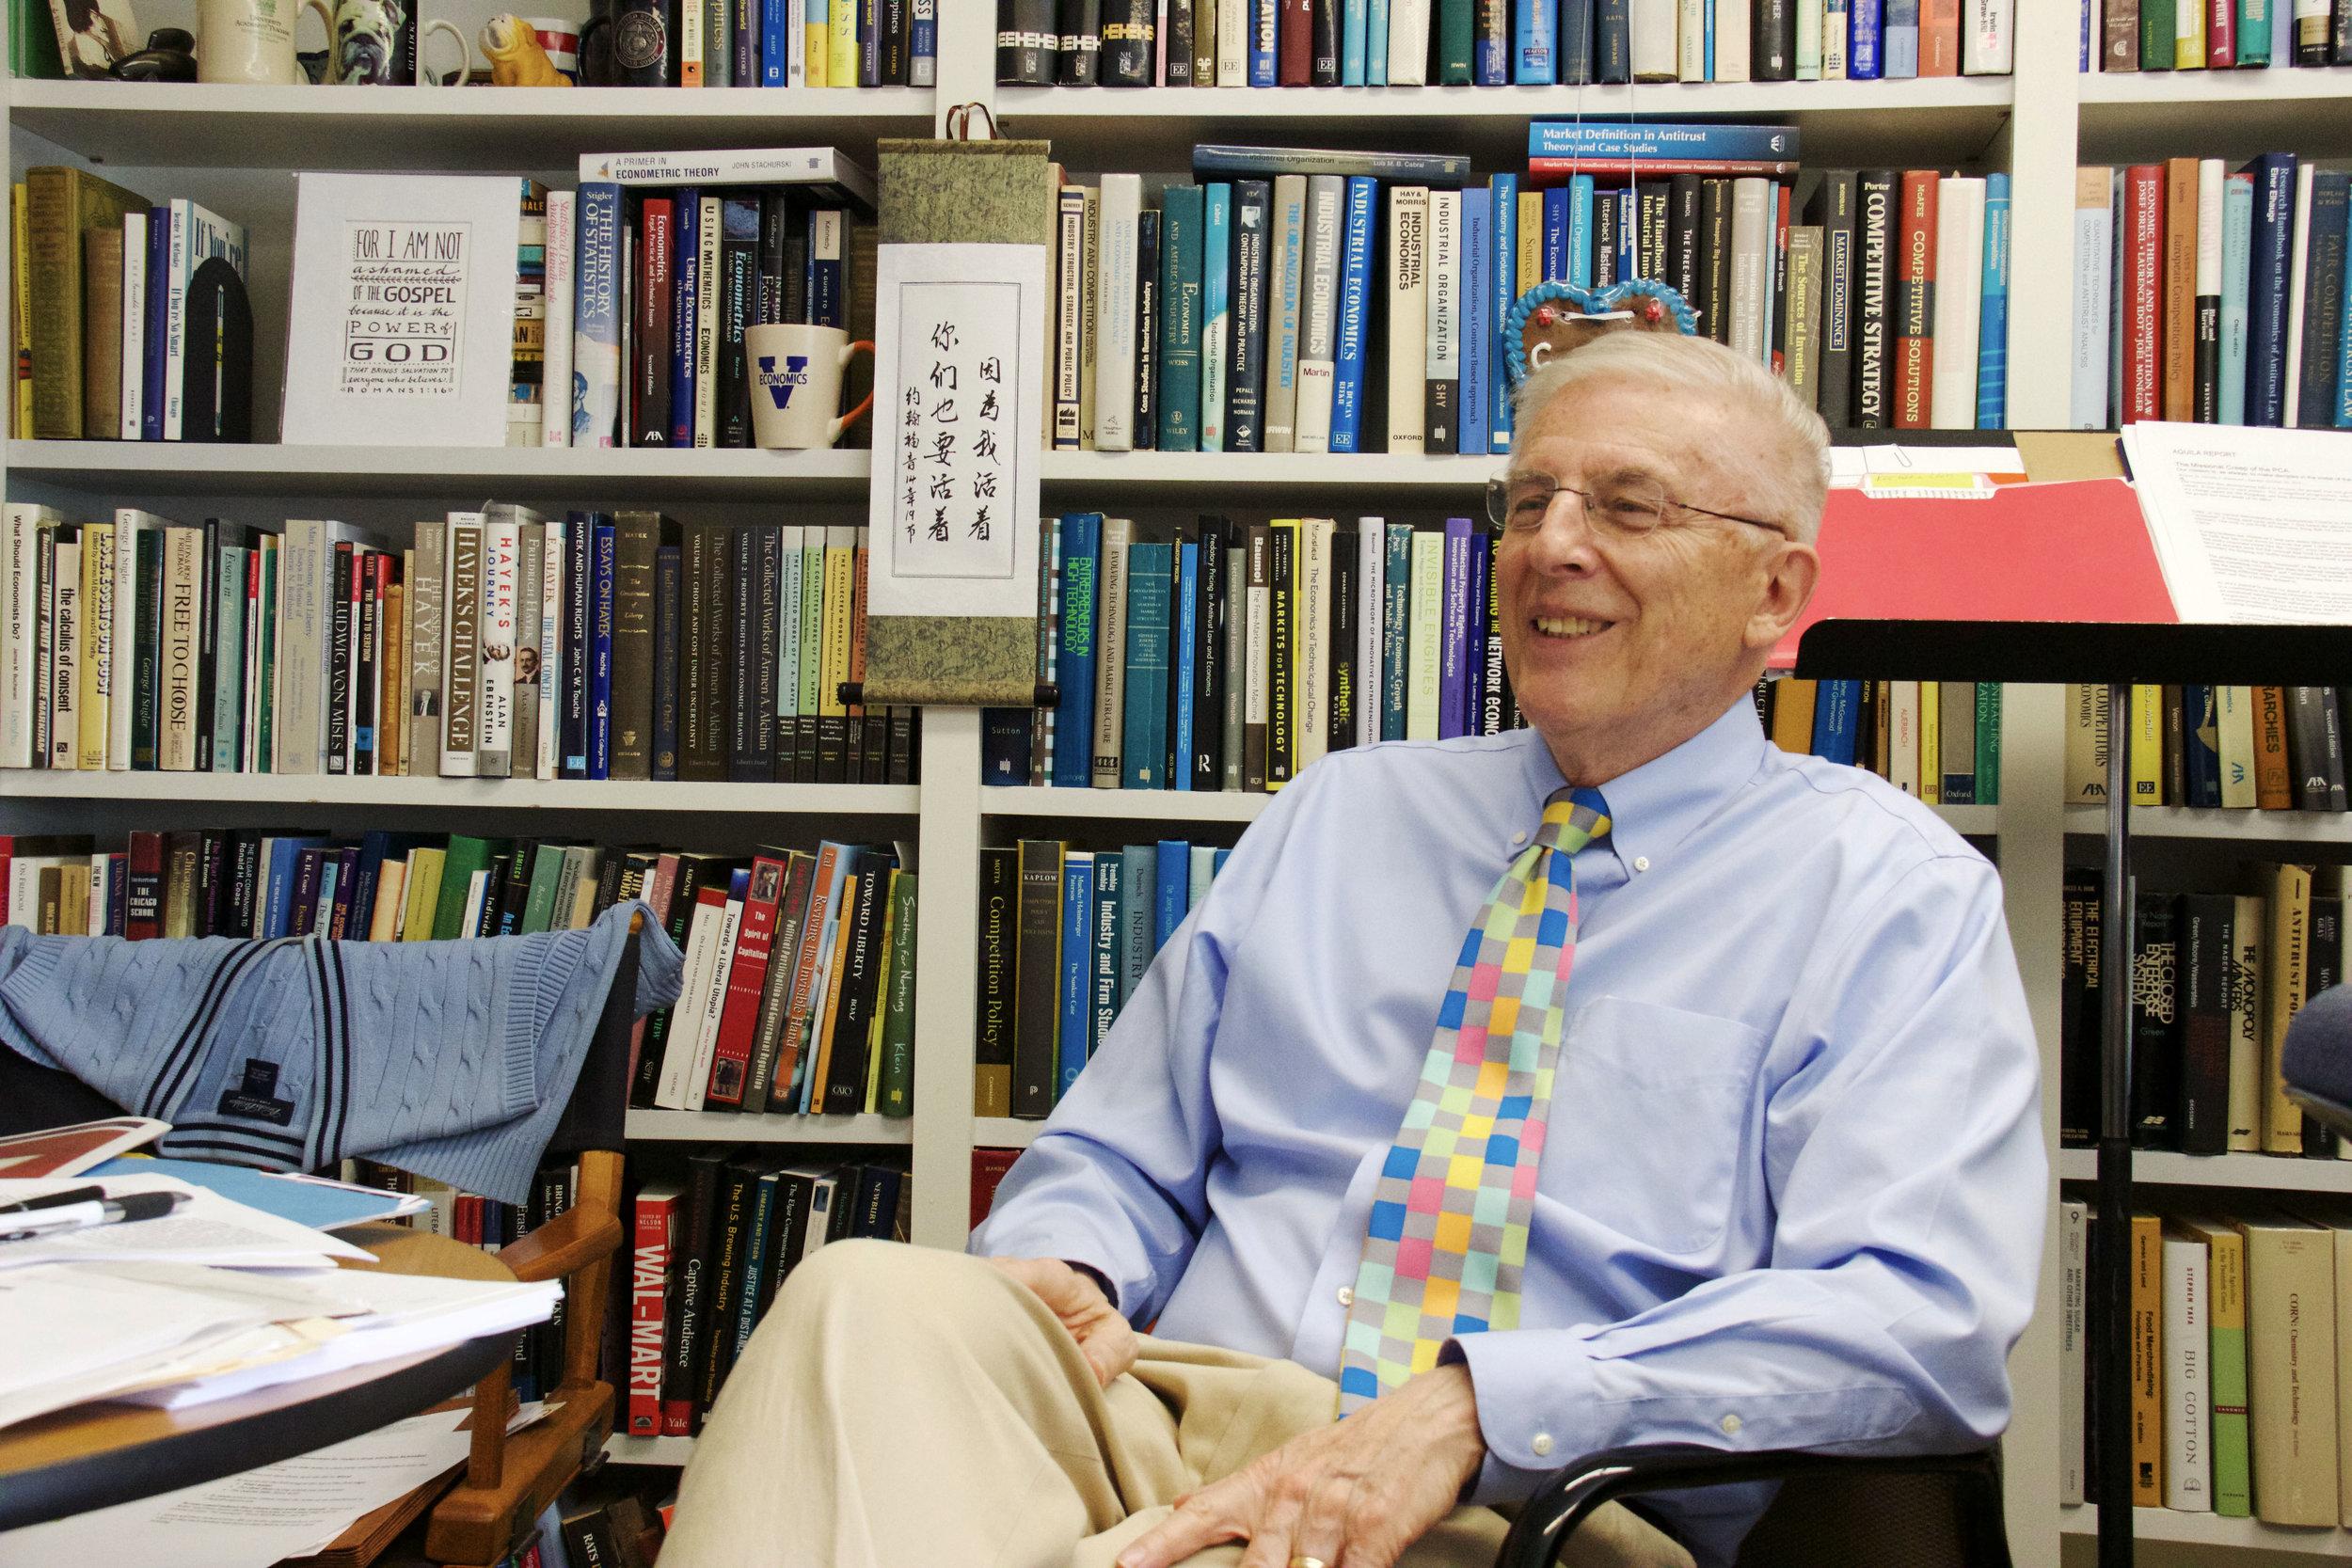 Dr. Kenneth Elzinga